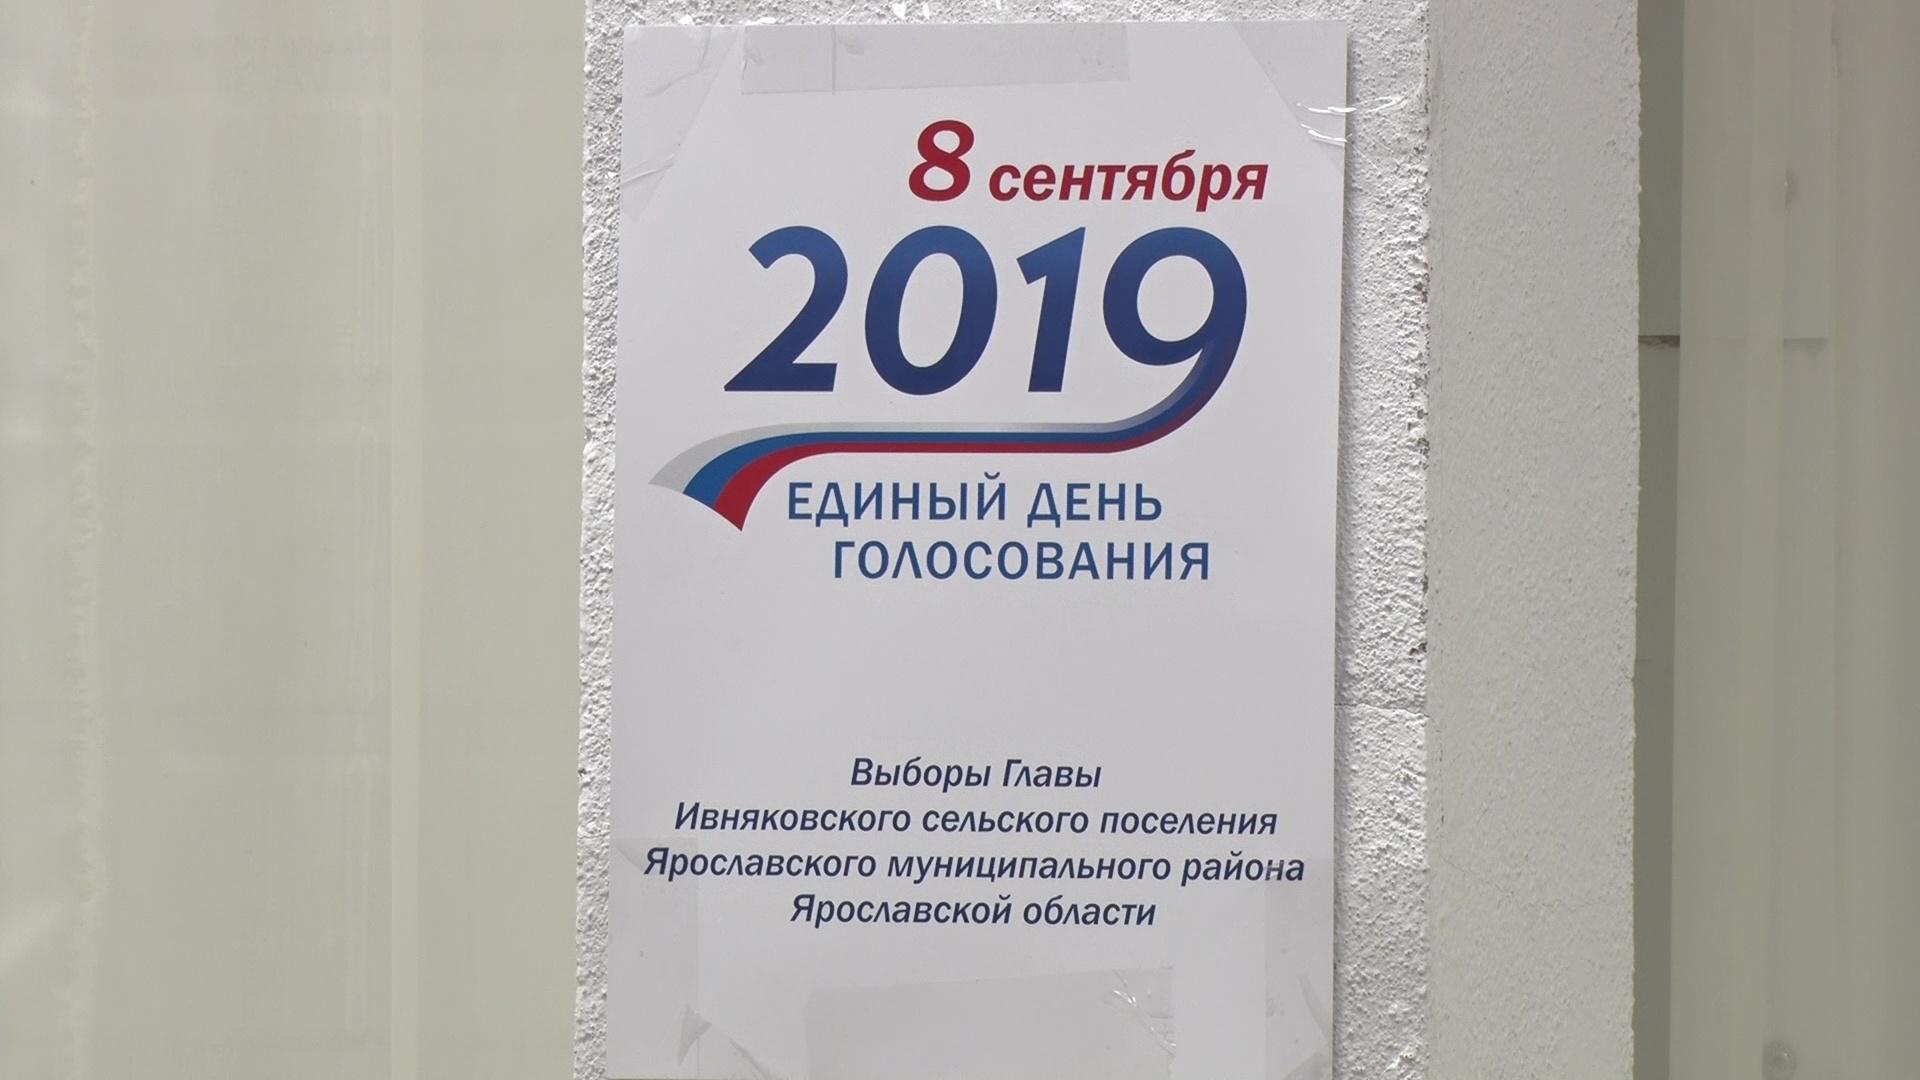 На выборах в Ярославском районе в лидерах оказалась «Единая Россия»